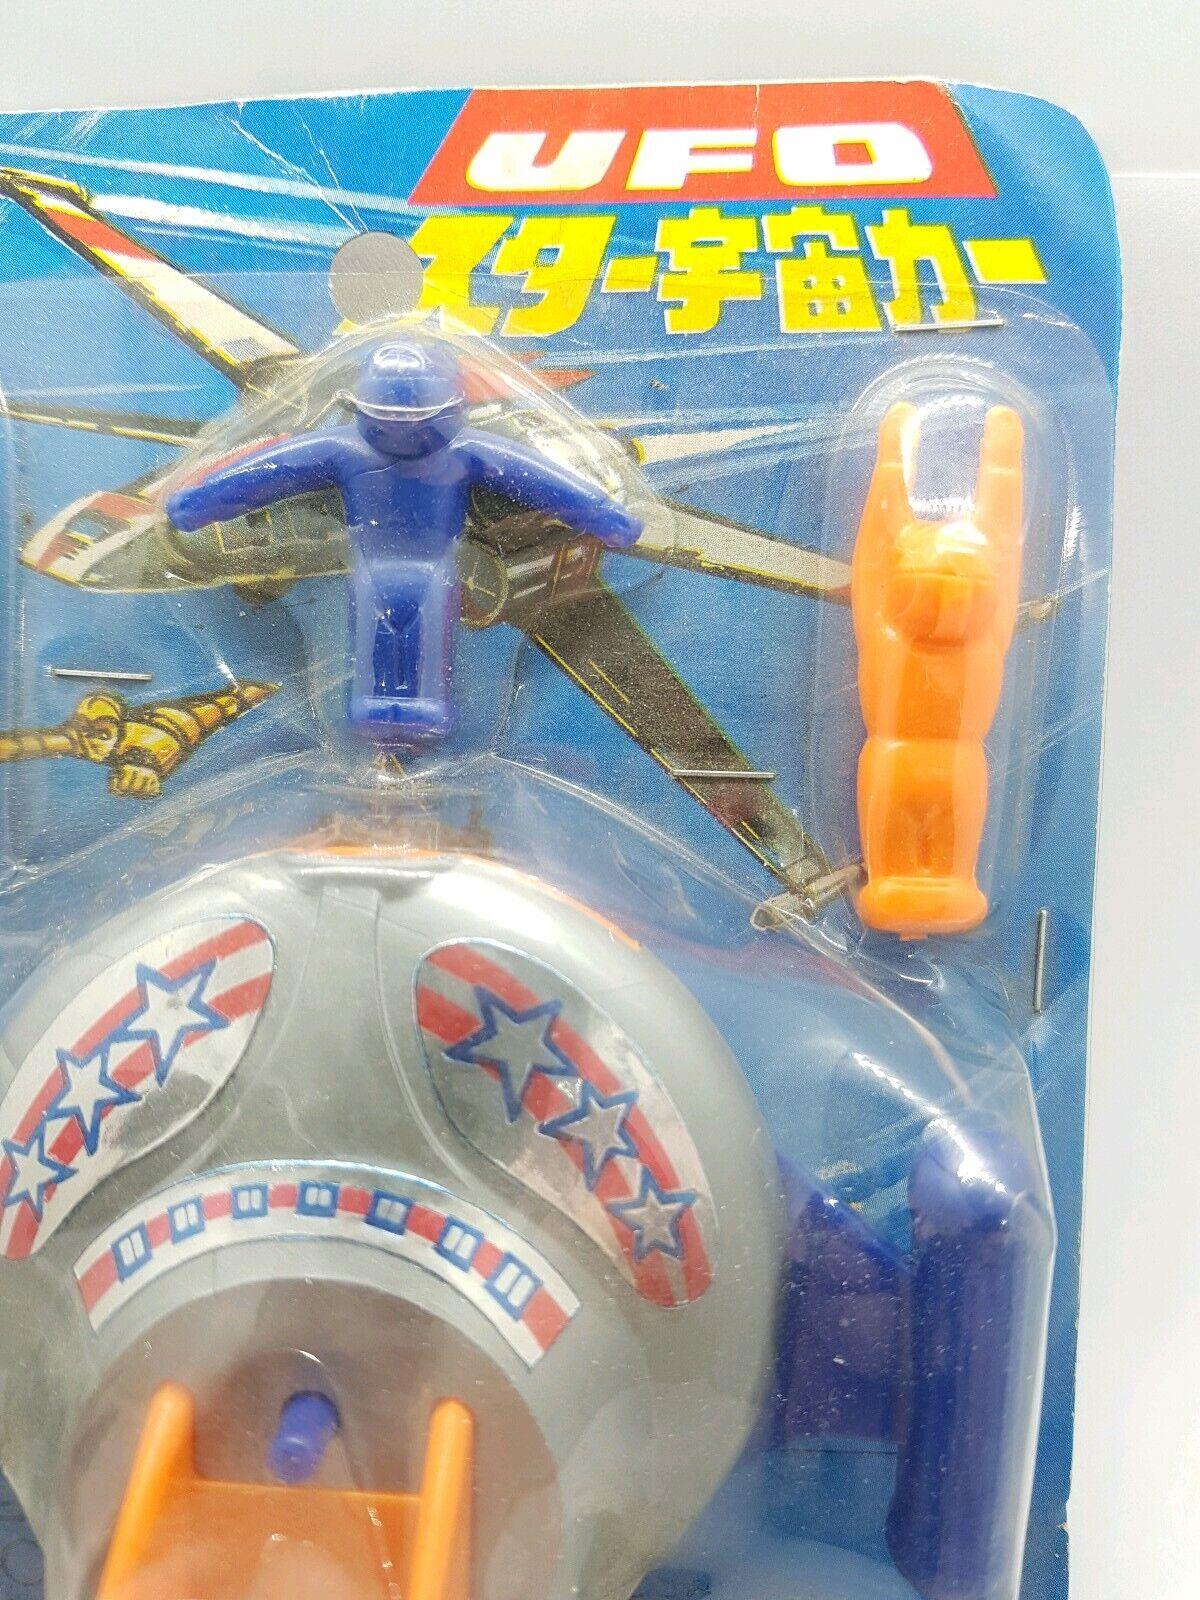 avvioleg avvioleg avvioleg RARA Estrella Guerras Vintage giapponese UFO giocattolo X-Wing Y-Wing c3p0 OPERA D'ARTE 2a40c6